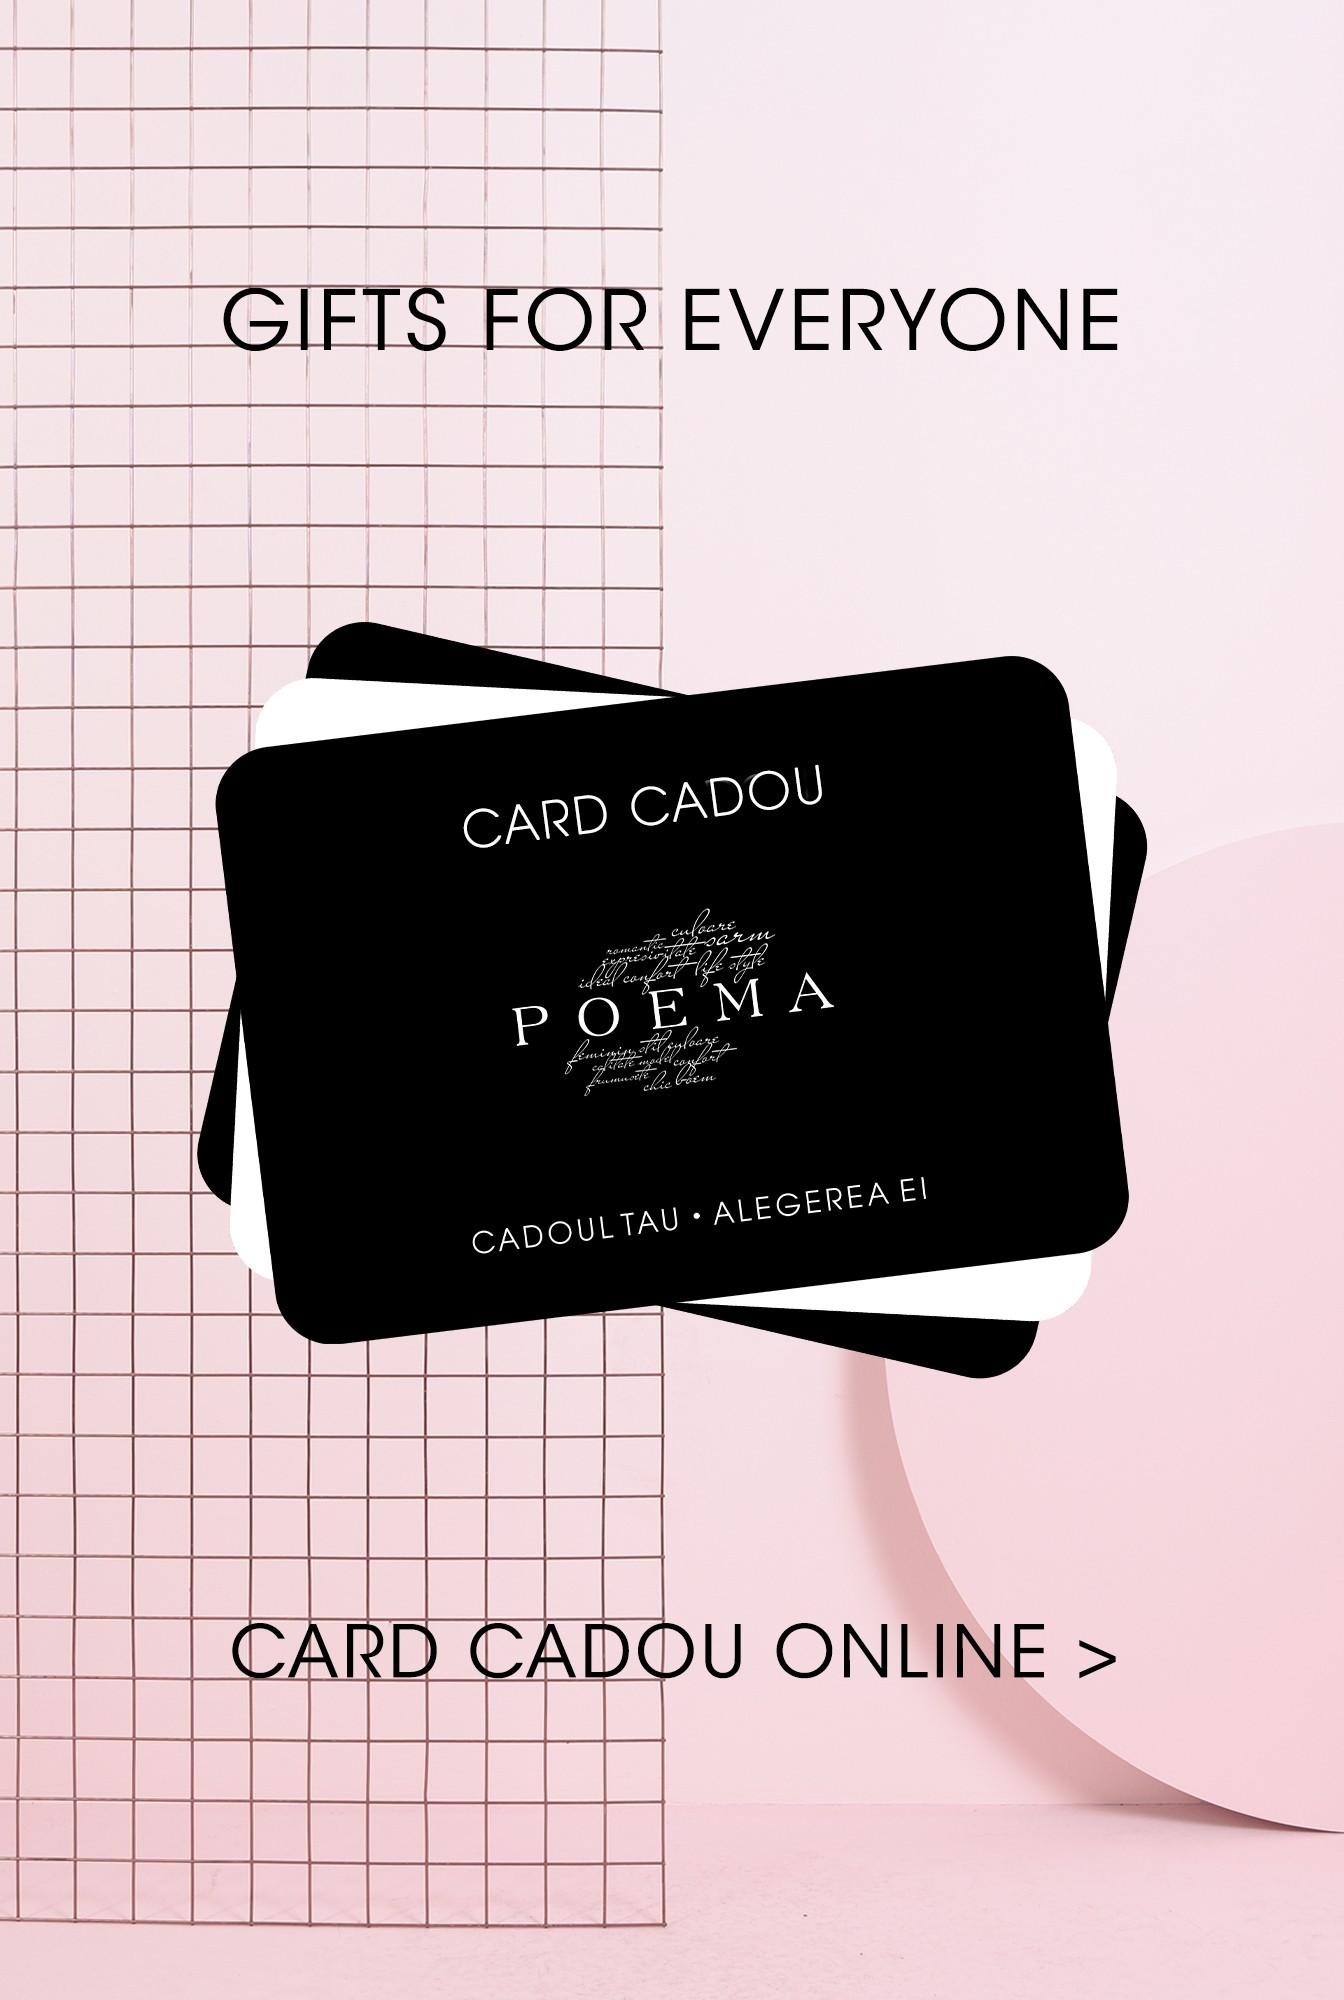 Daruieste online un card cadou POEMA